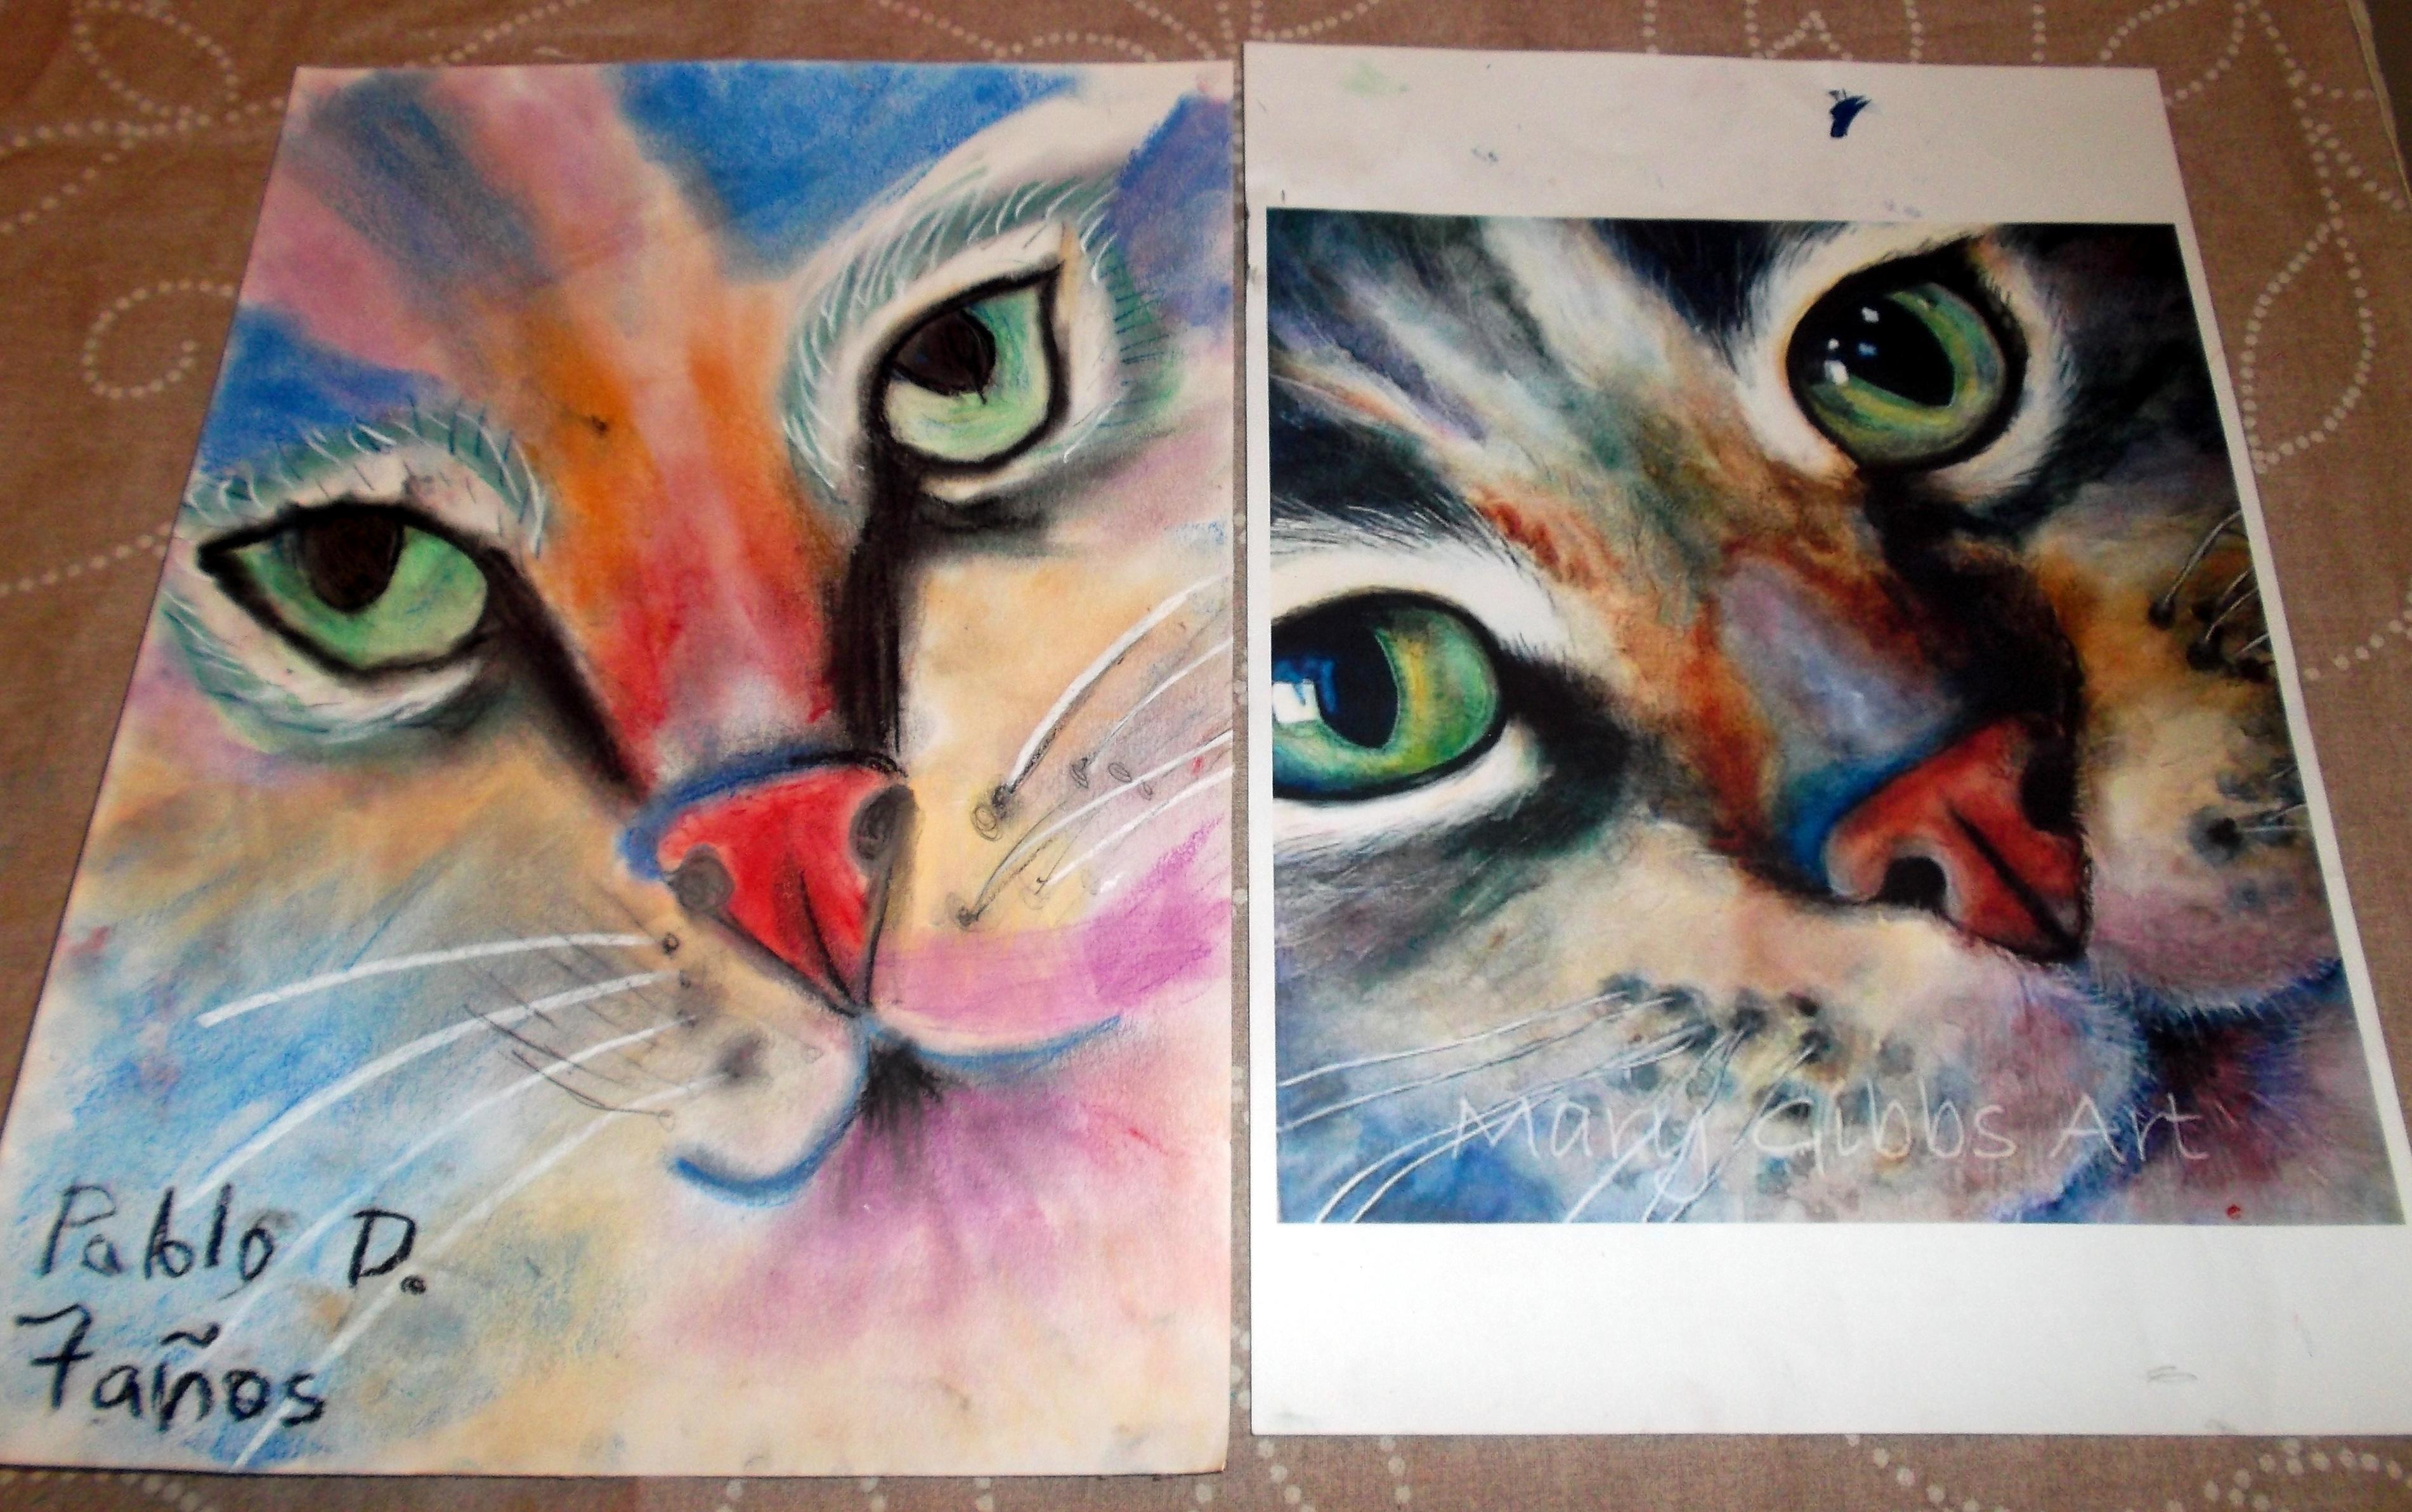 Gato al pastel pablo para la exposici n infantil - Dibujos de gatos pintados ...